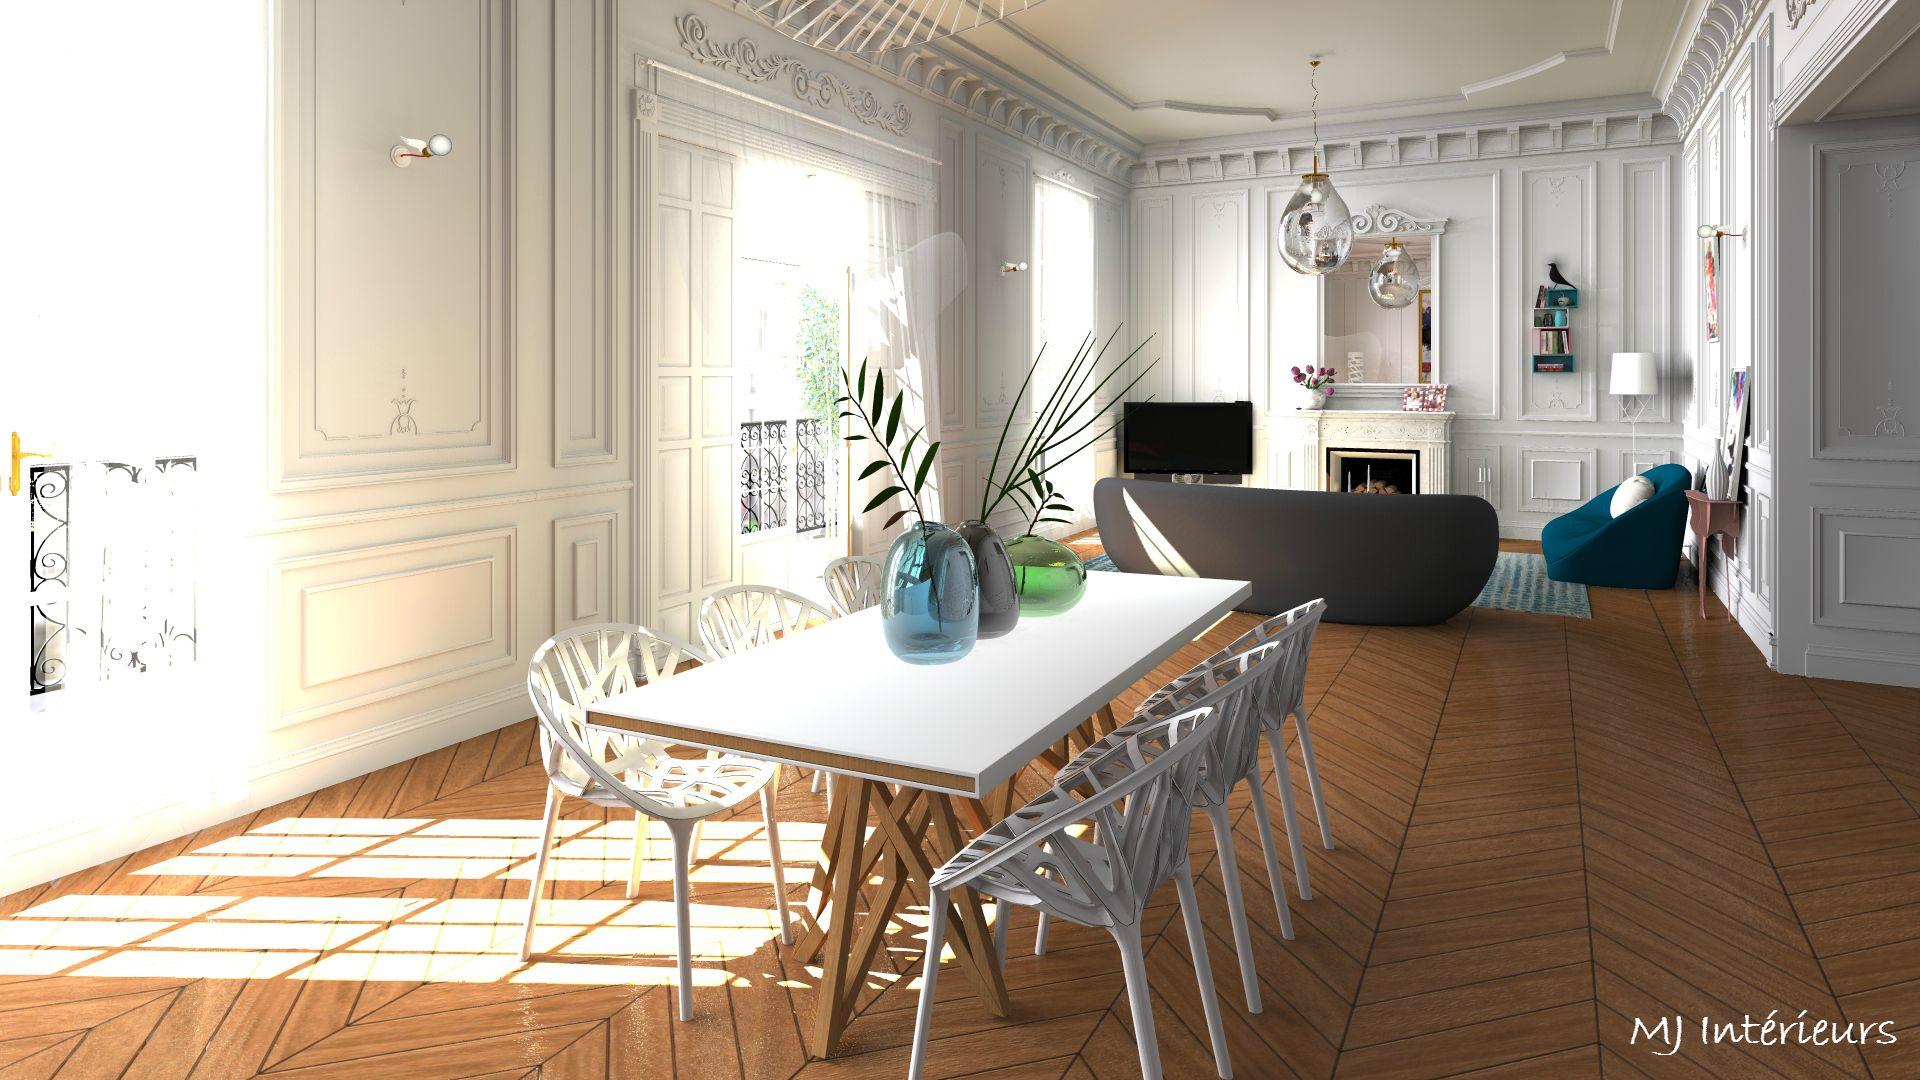 manger contemporain et design Salle au un salon à dans mnw8N0